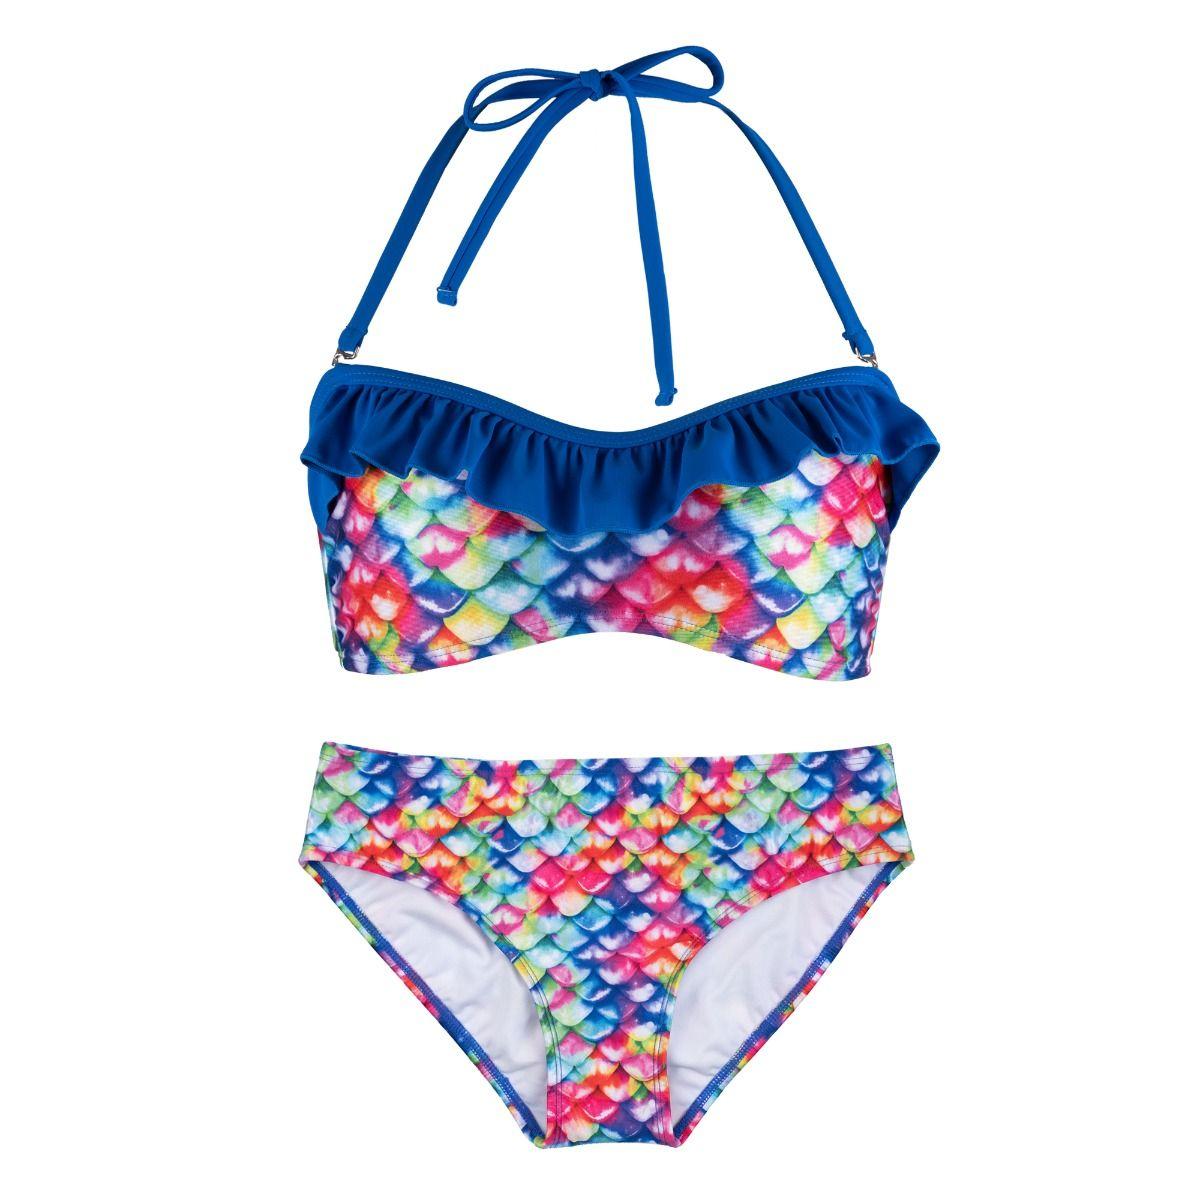 1a00a0973 Rainbow Reef Bandeau Bikini Set. Tap to expand